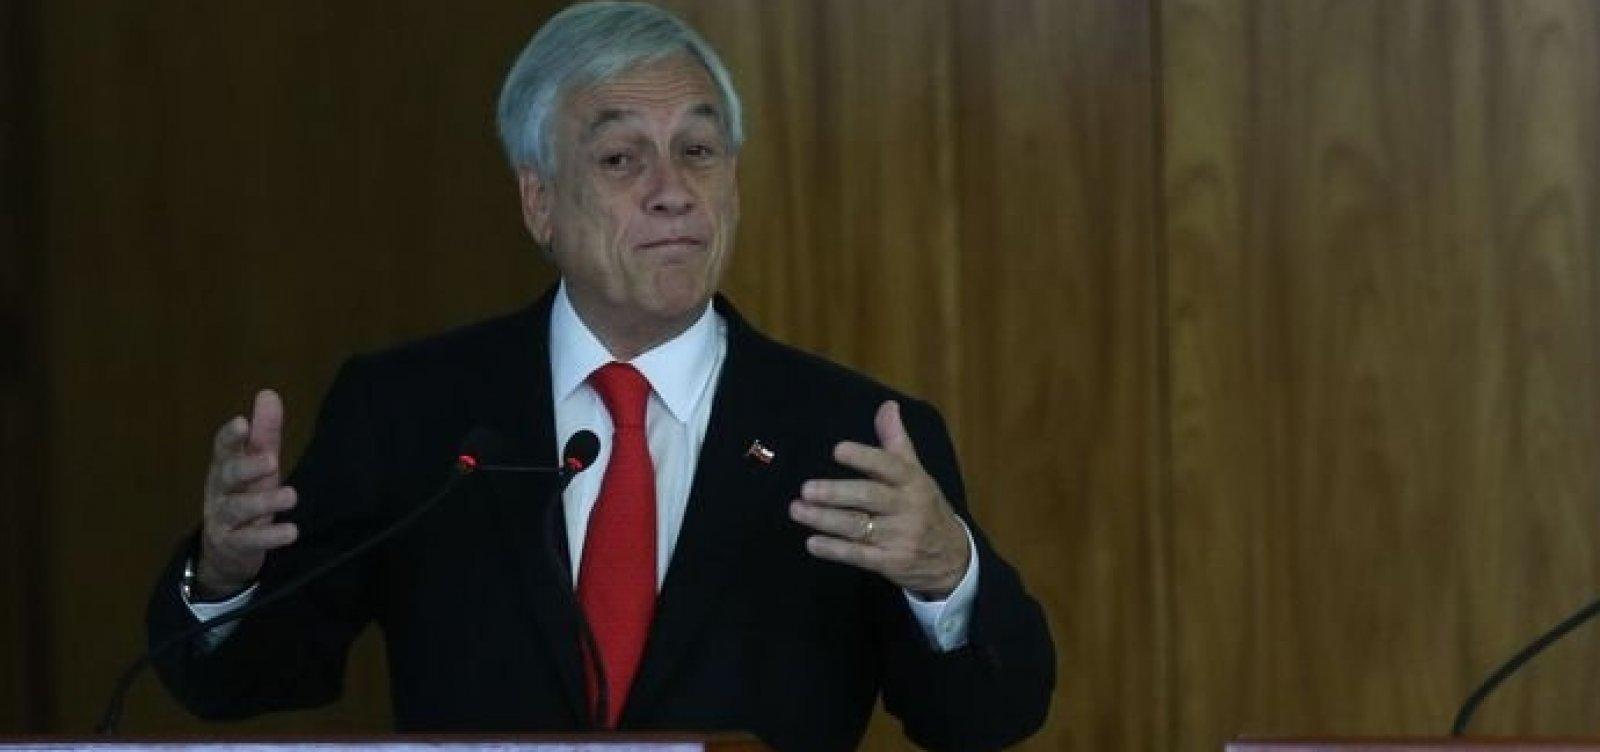 [Presidente chileno é acusado de crimes contra a humanidade]